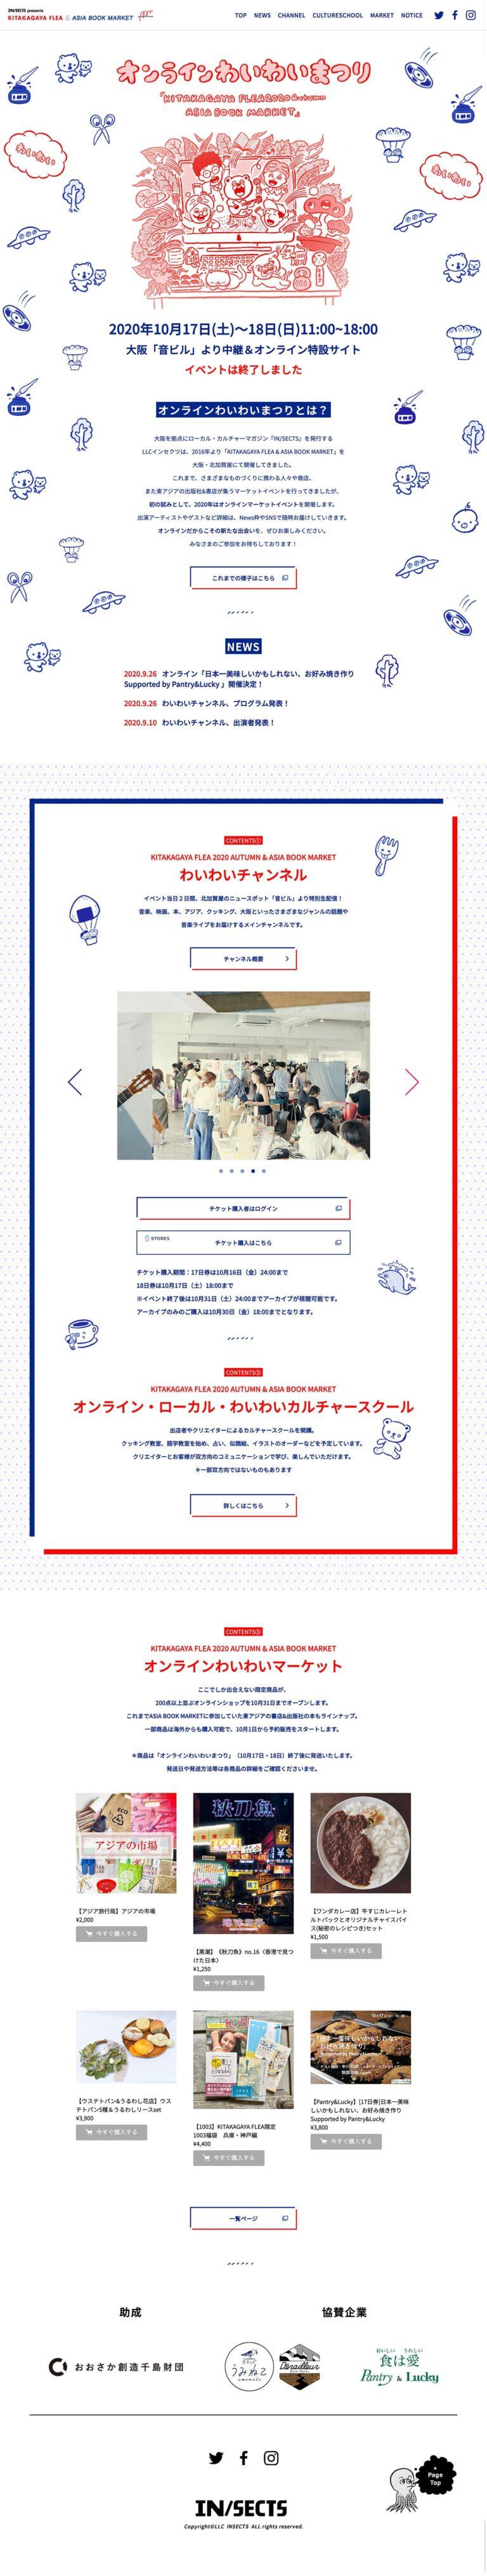 オンラインわいわいまつり KITAKAGAYA FLEA 2020 AUTUMN & ASIA BOOK MARKET